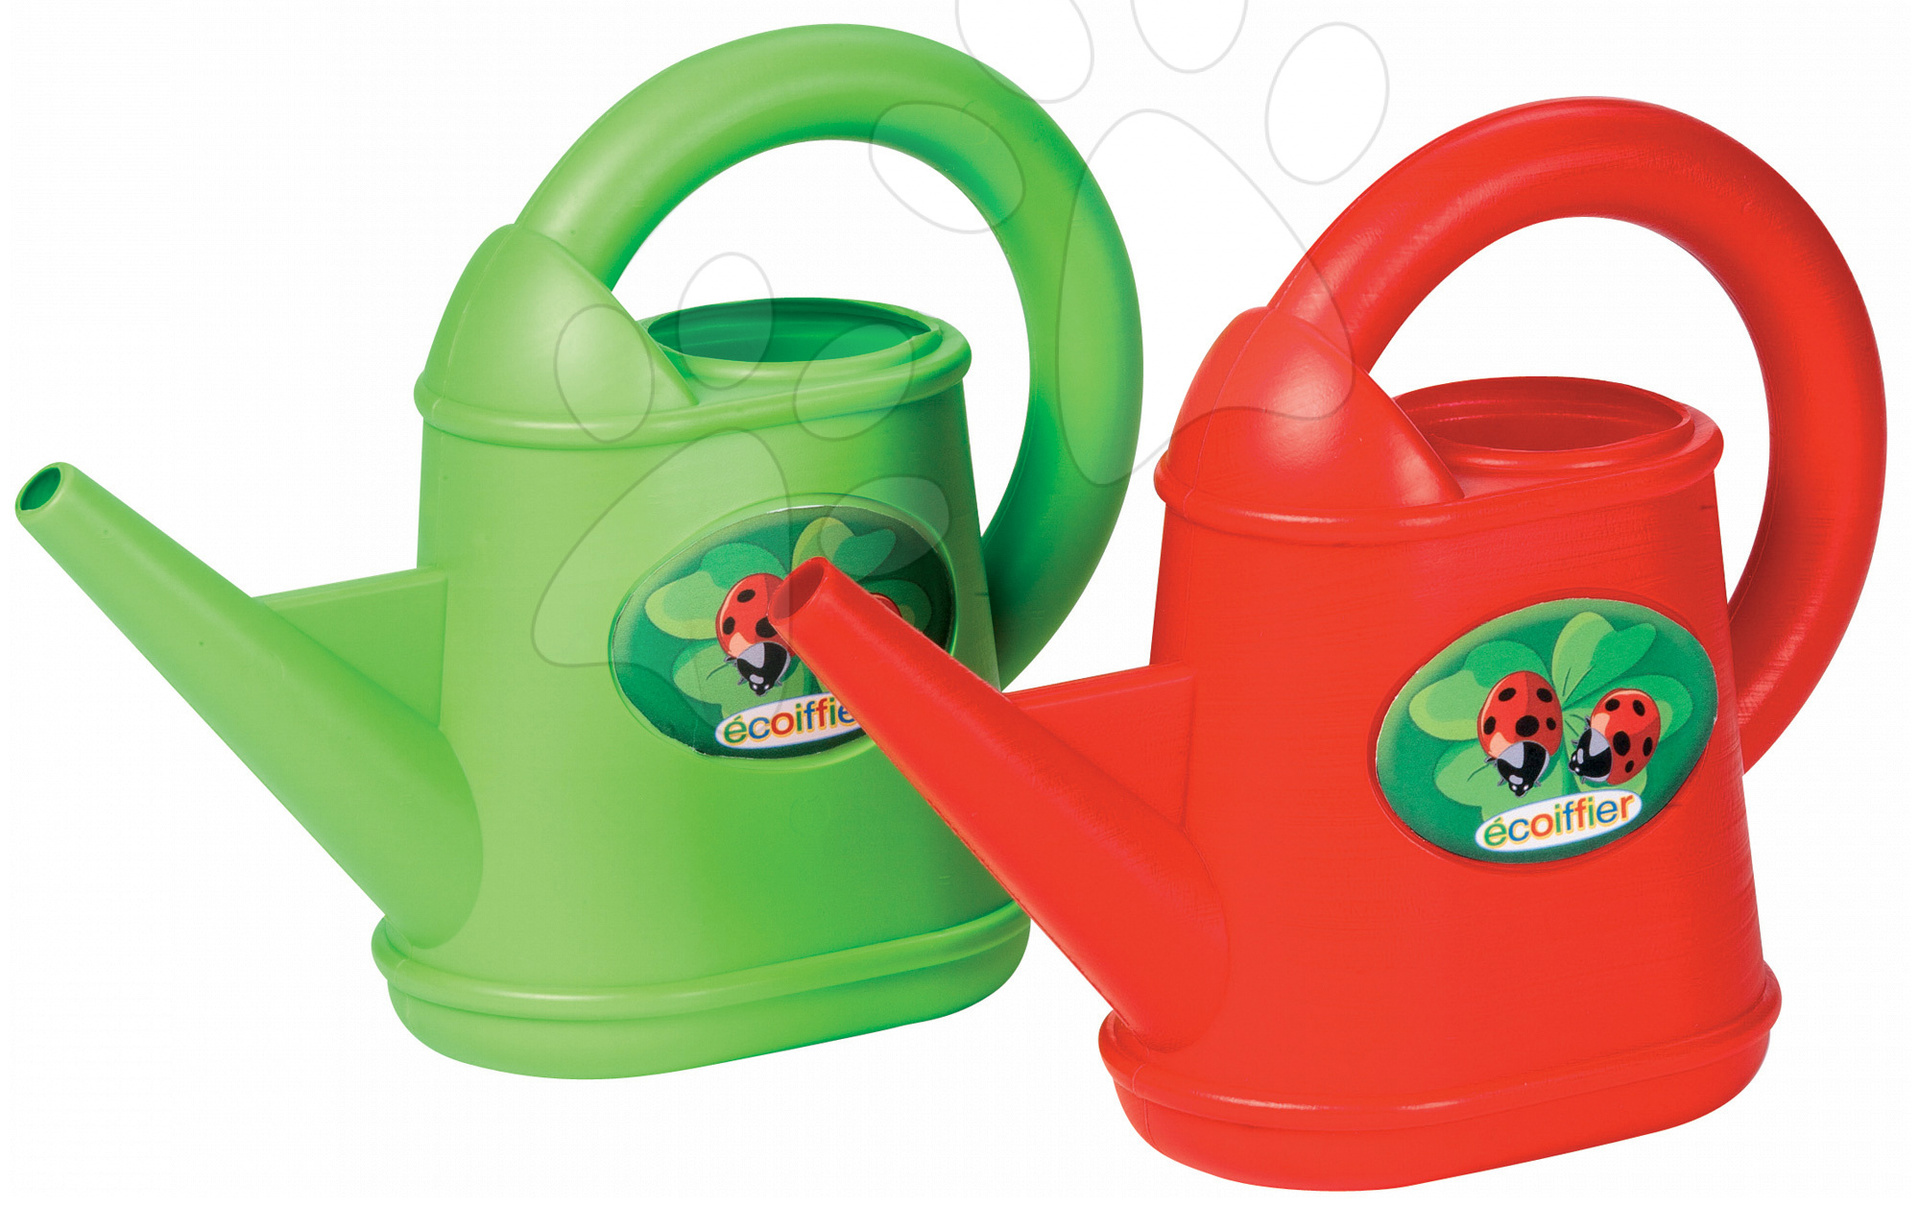 Konvičky - Konev s beruškou Picnic Écoiffier (objem 0,8 litru) zelená/červená od 18 měsíců